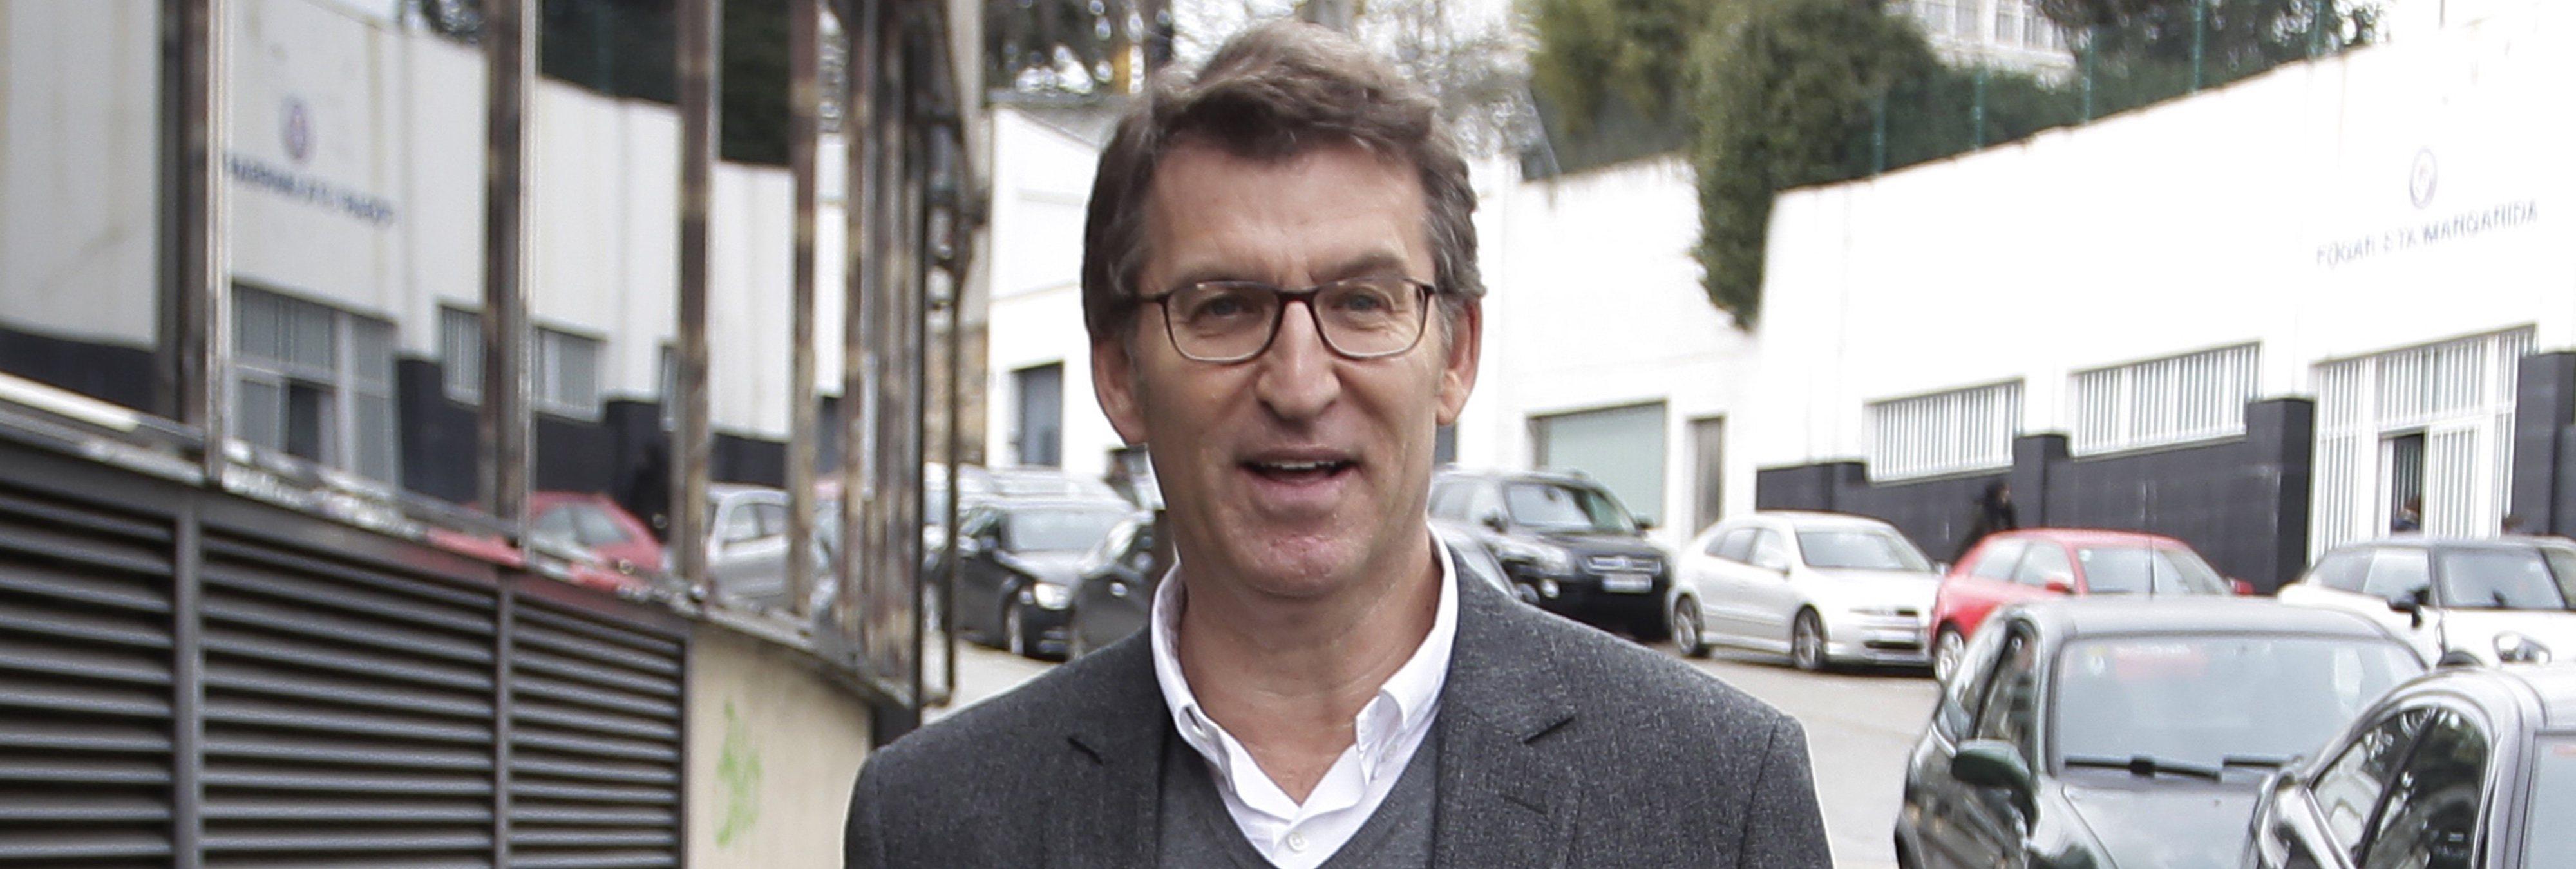 Lo que el PP pretende ocultar sobre la gestión de Feijóo en Galicia